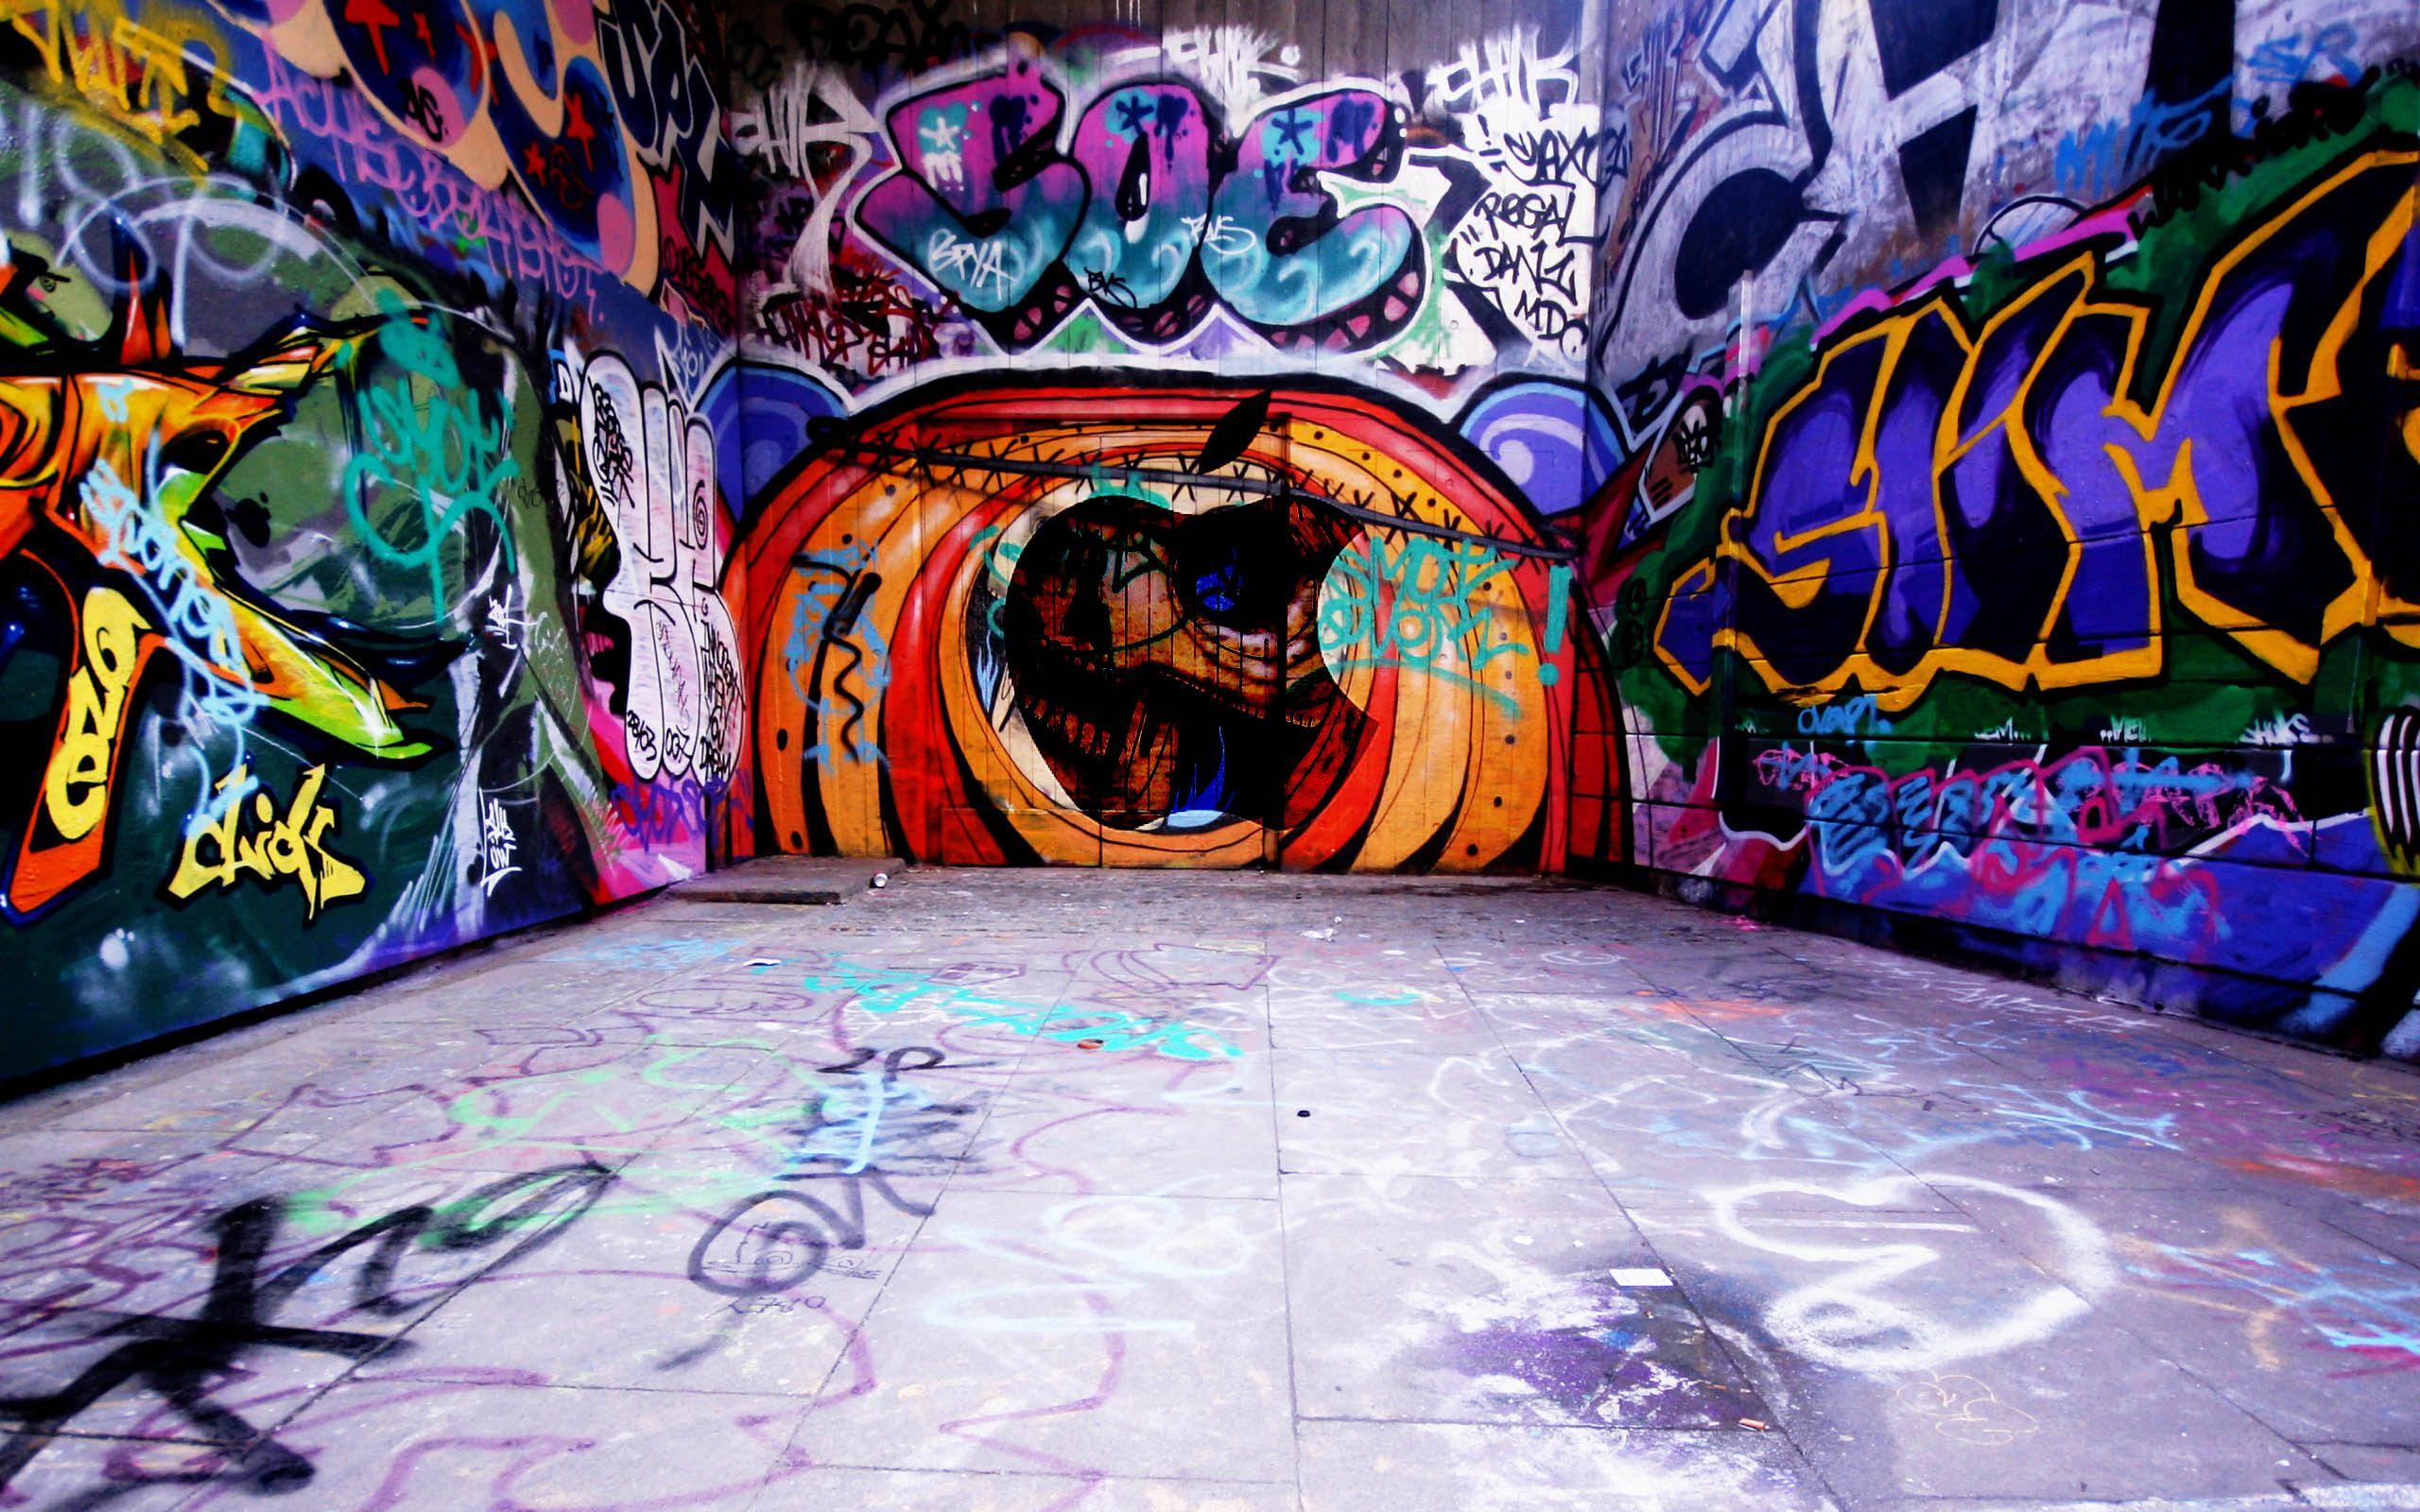 Graffiti Wall Art Graffiti Wallpaper Graffiti Tagging Murals Street Art Street Art